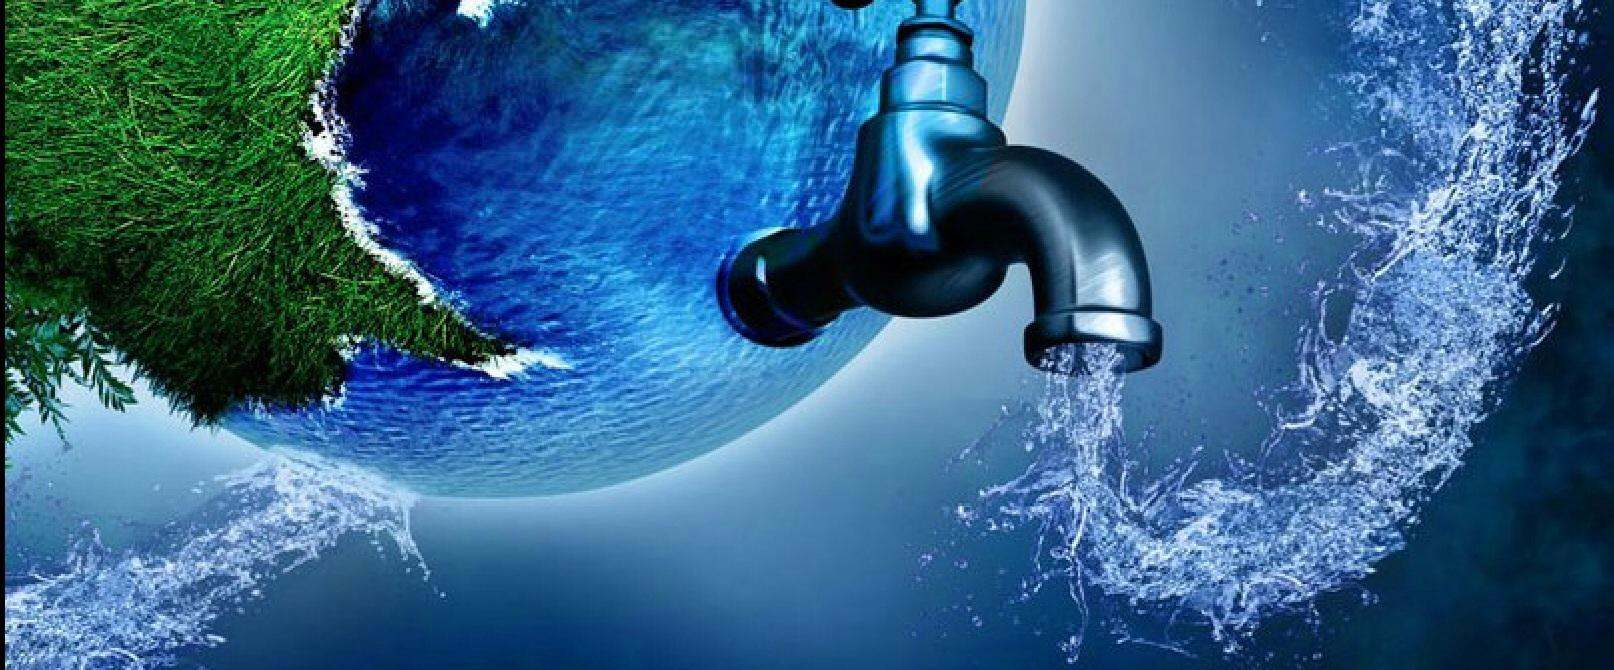 картинки водоснабжение и водоотведение расскажем